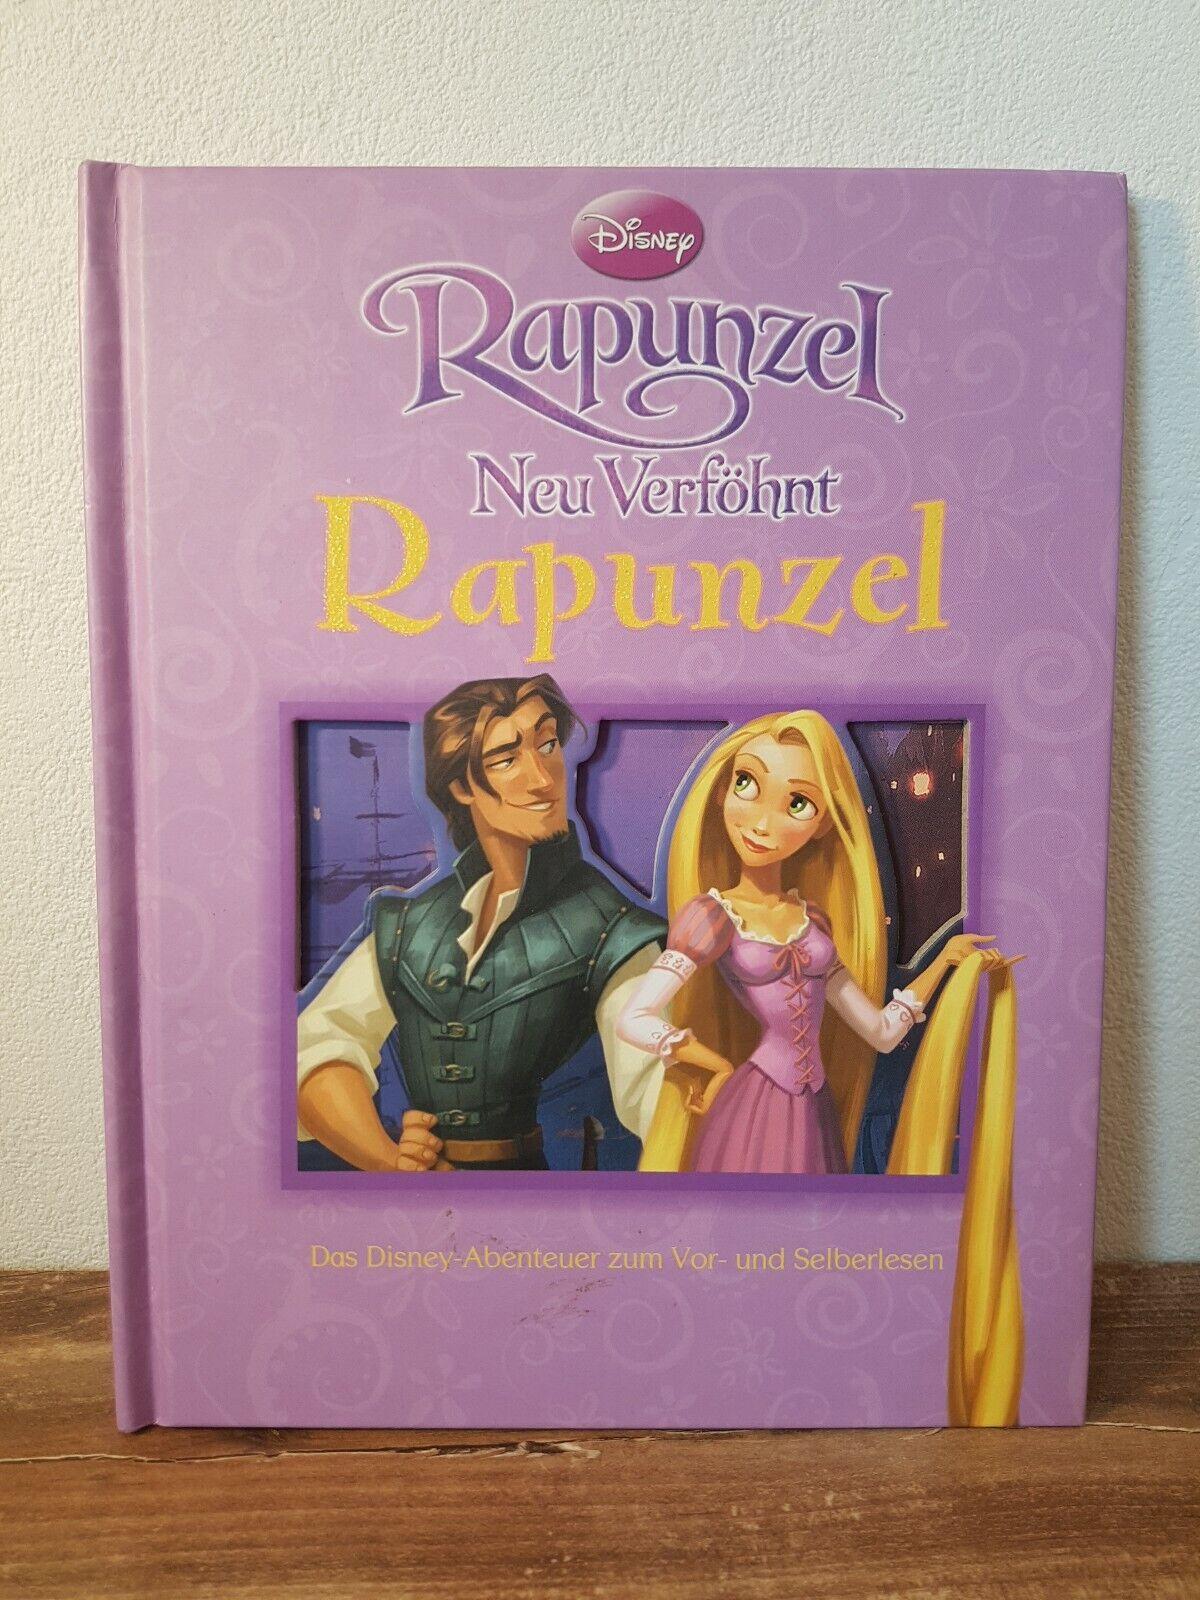 Rapunzel Neu Verföhnt: Das Disney-Abenteuer zum Vor- und Selberlesen - Walt Disn - Disney